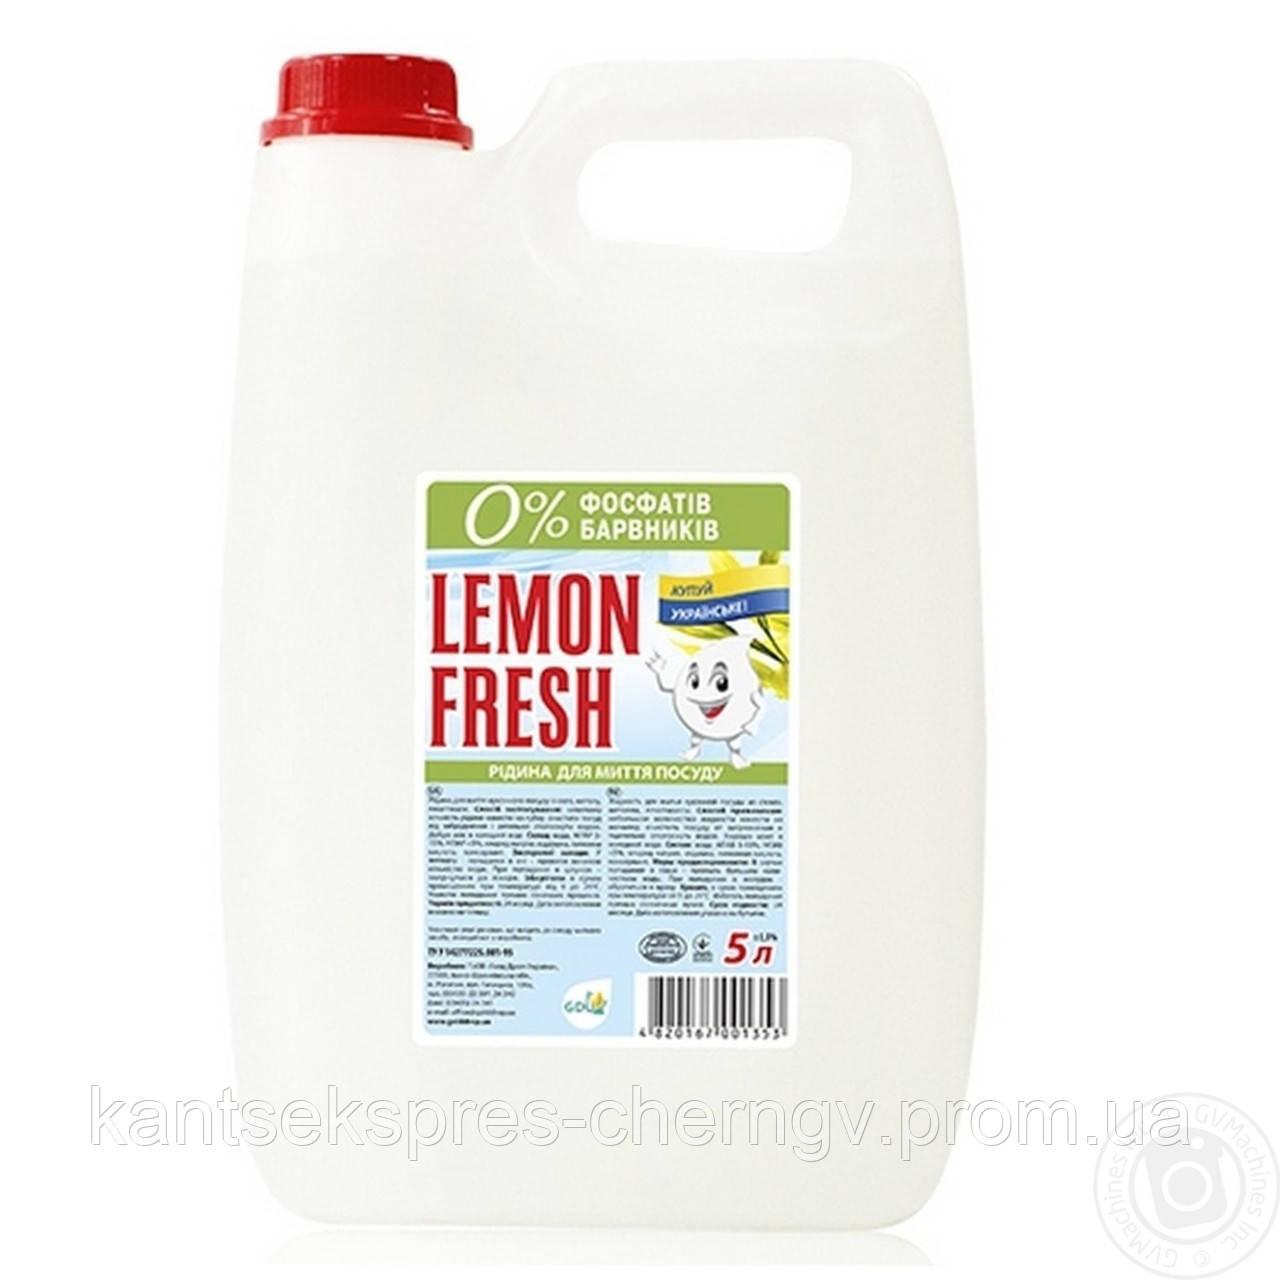 Жидкость для мытья посуды Lemon Fresh  5л. прозрачный